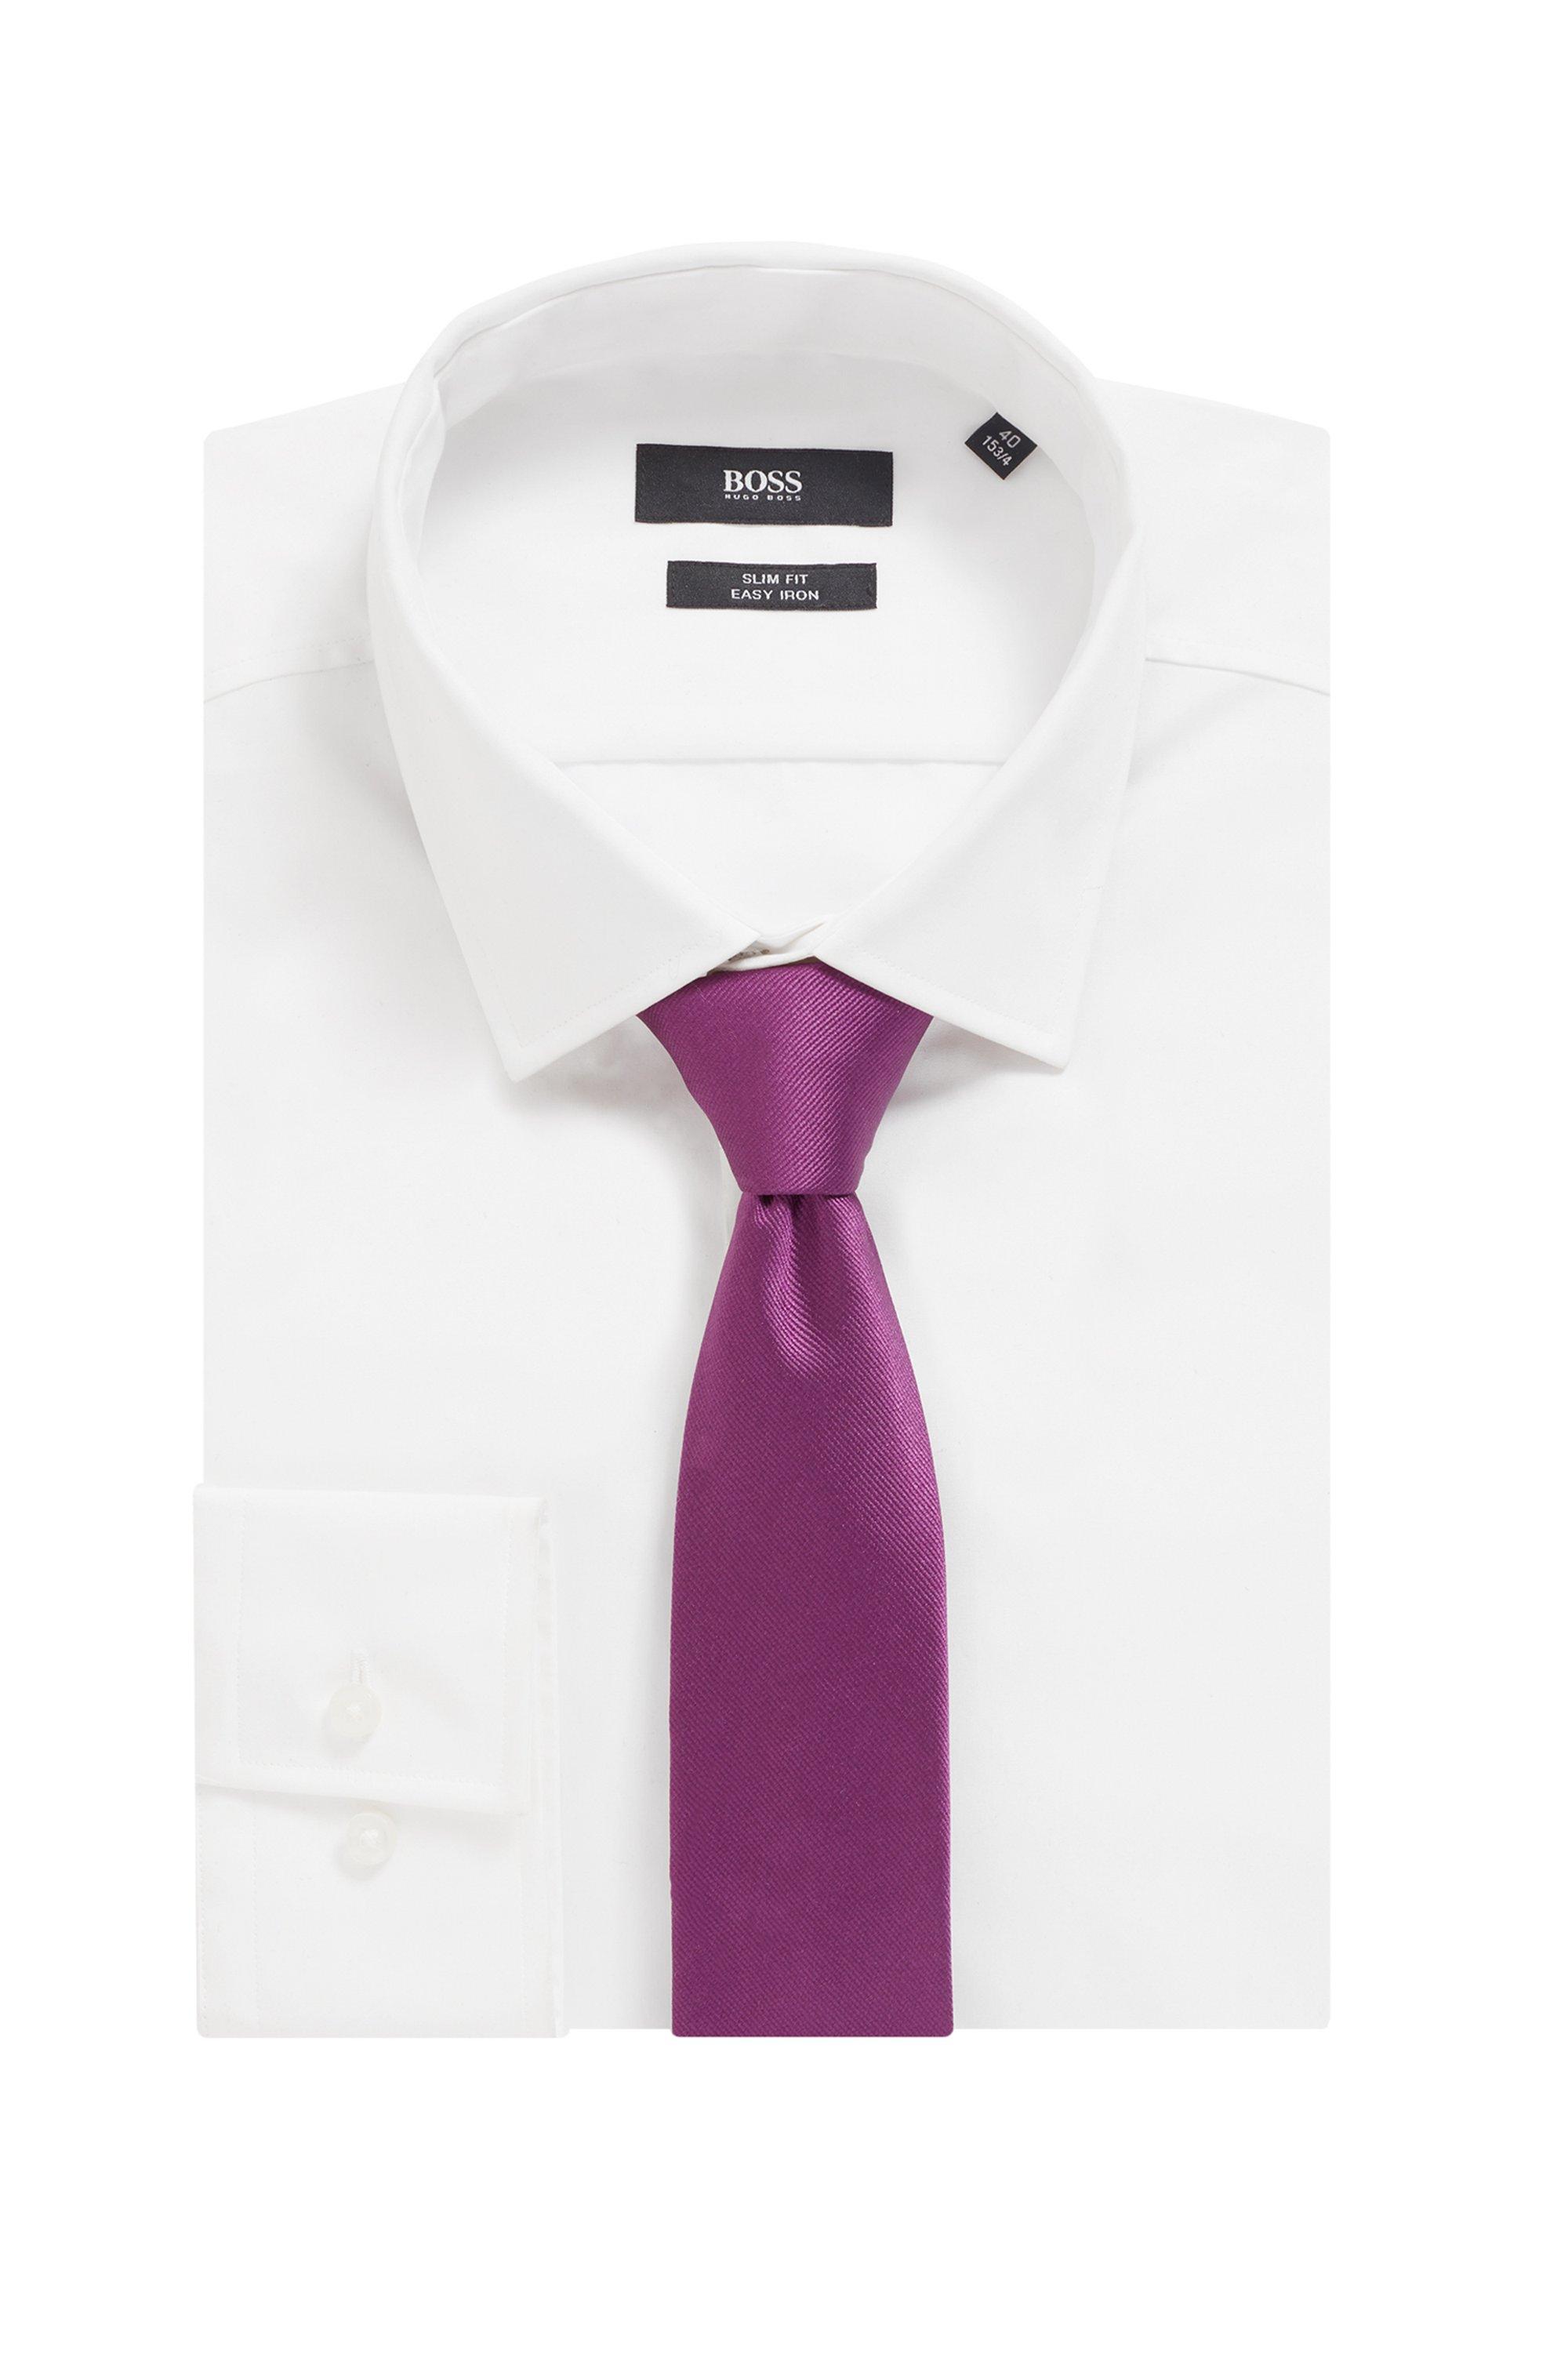 Cravatta in seta jacquard con passante posteriore in fettuccia